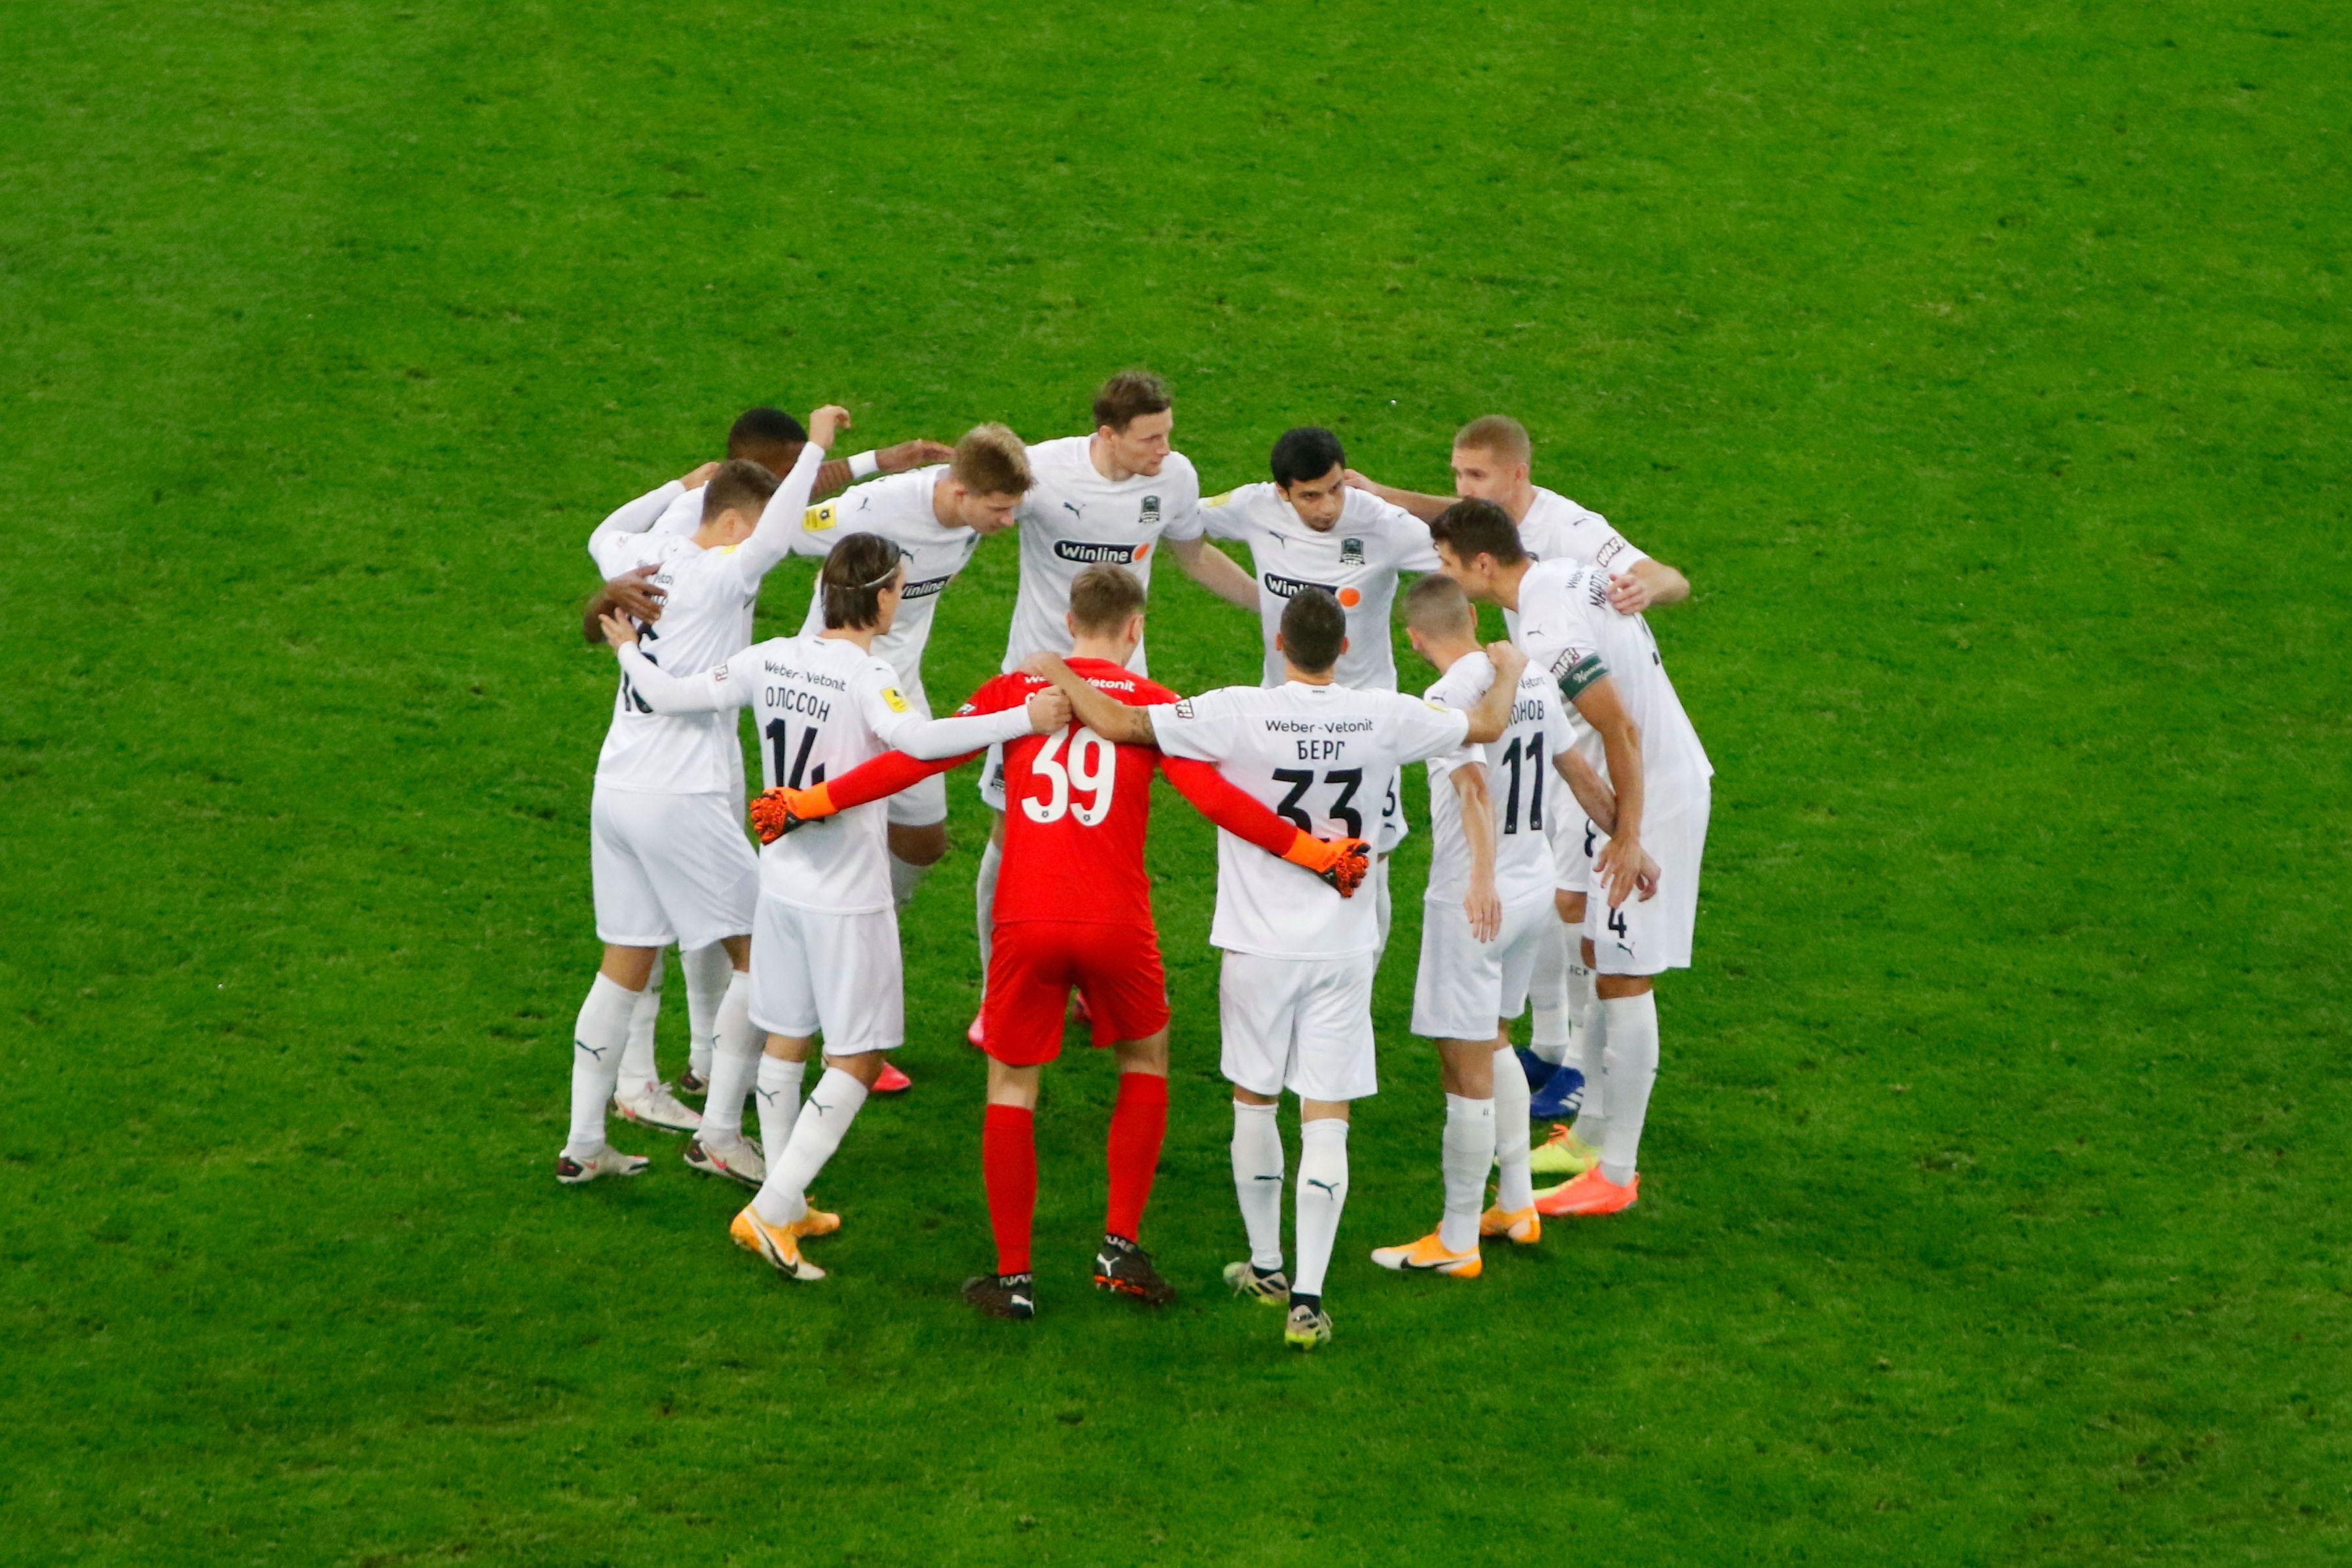 Камболов рассказал, как 'Краснодар' будет играть в ответном матче с загребским 'Динамо'